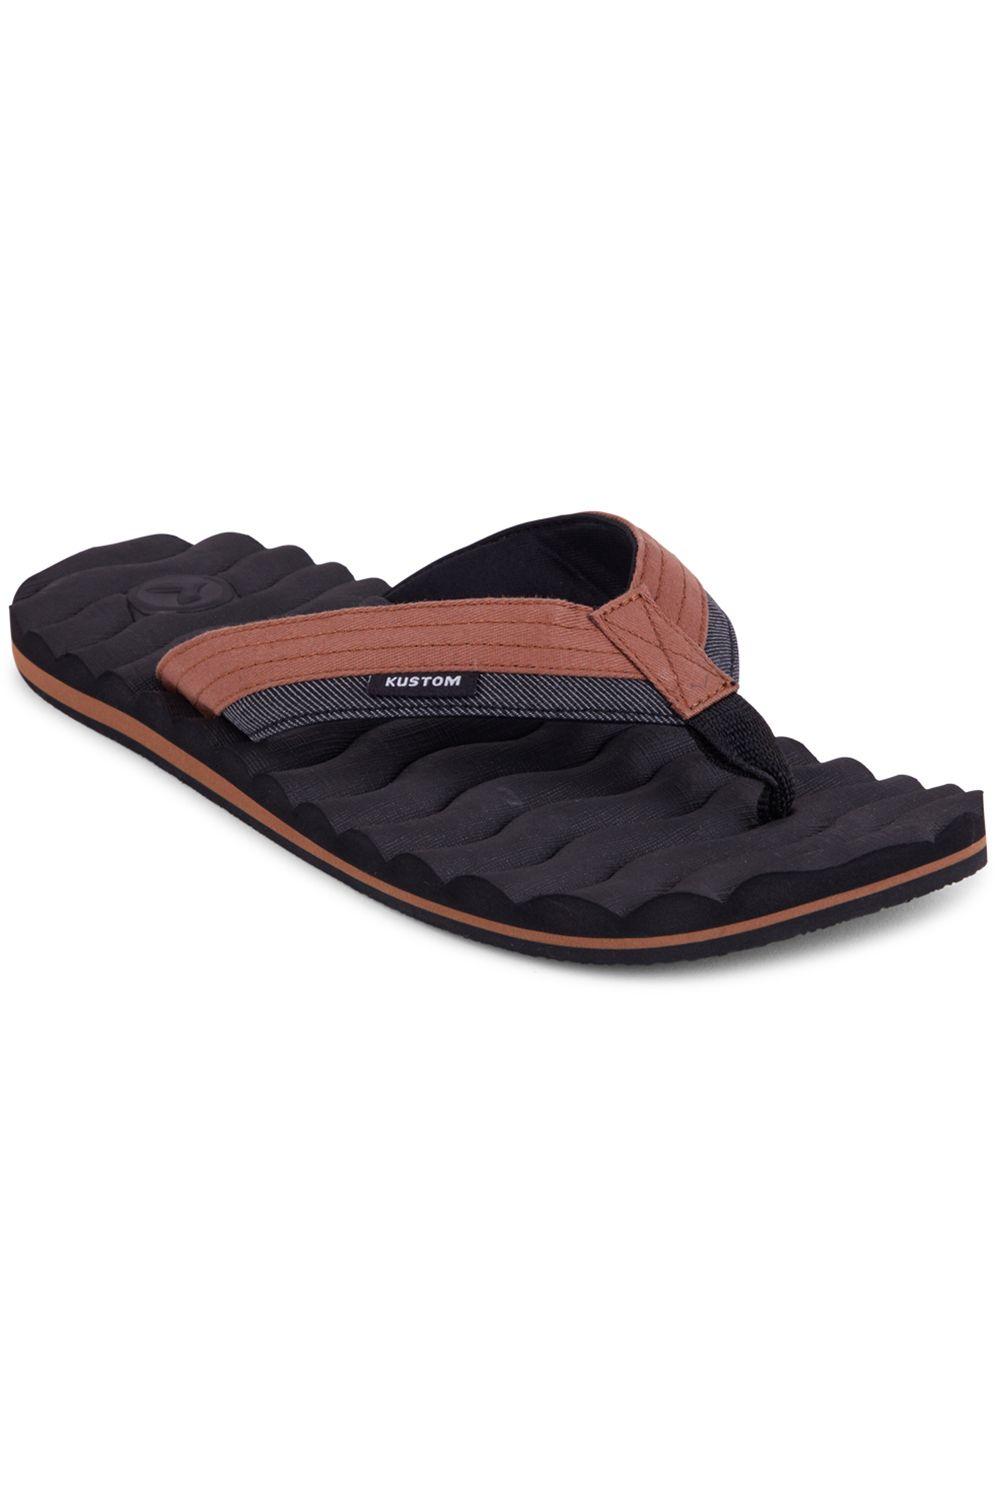 Kustom Sandals HUMMER Slate/Tan